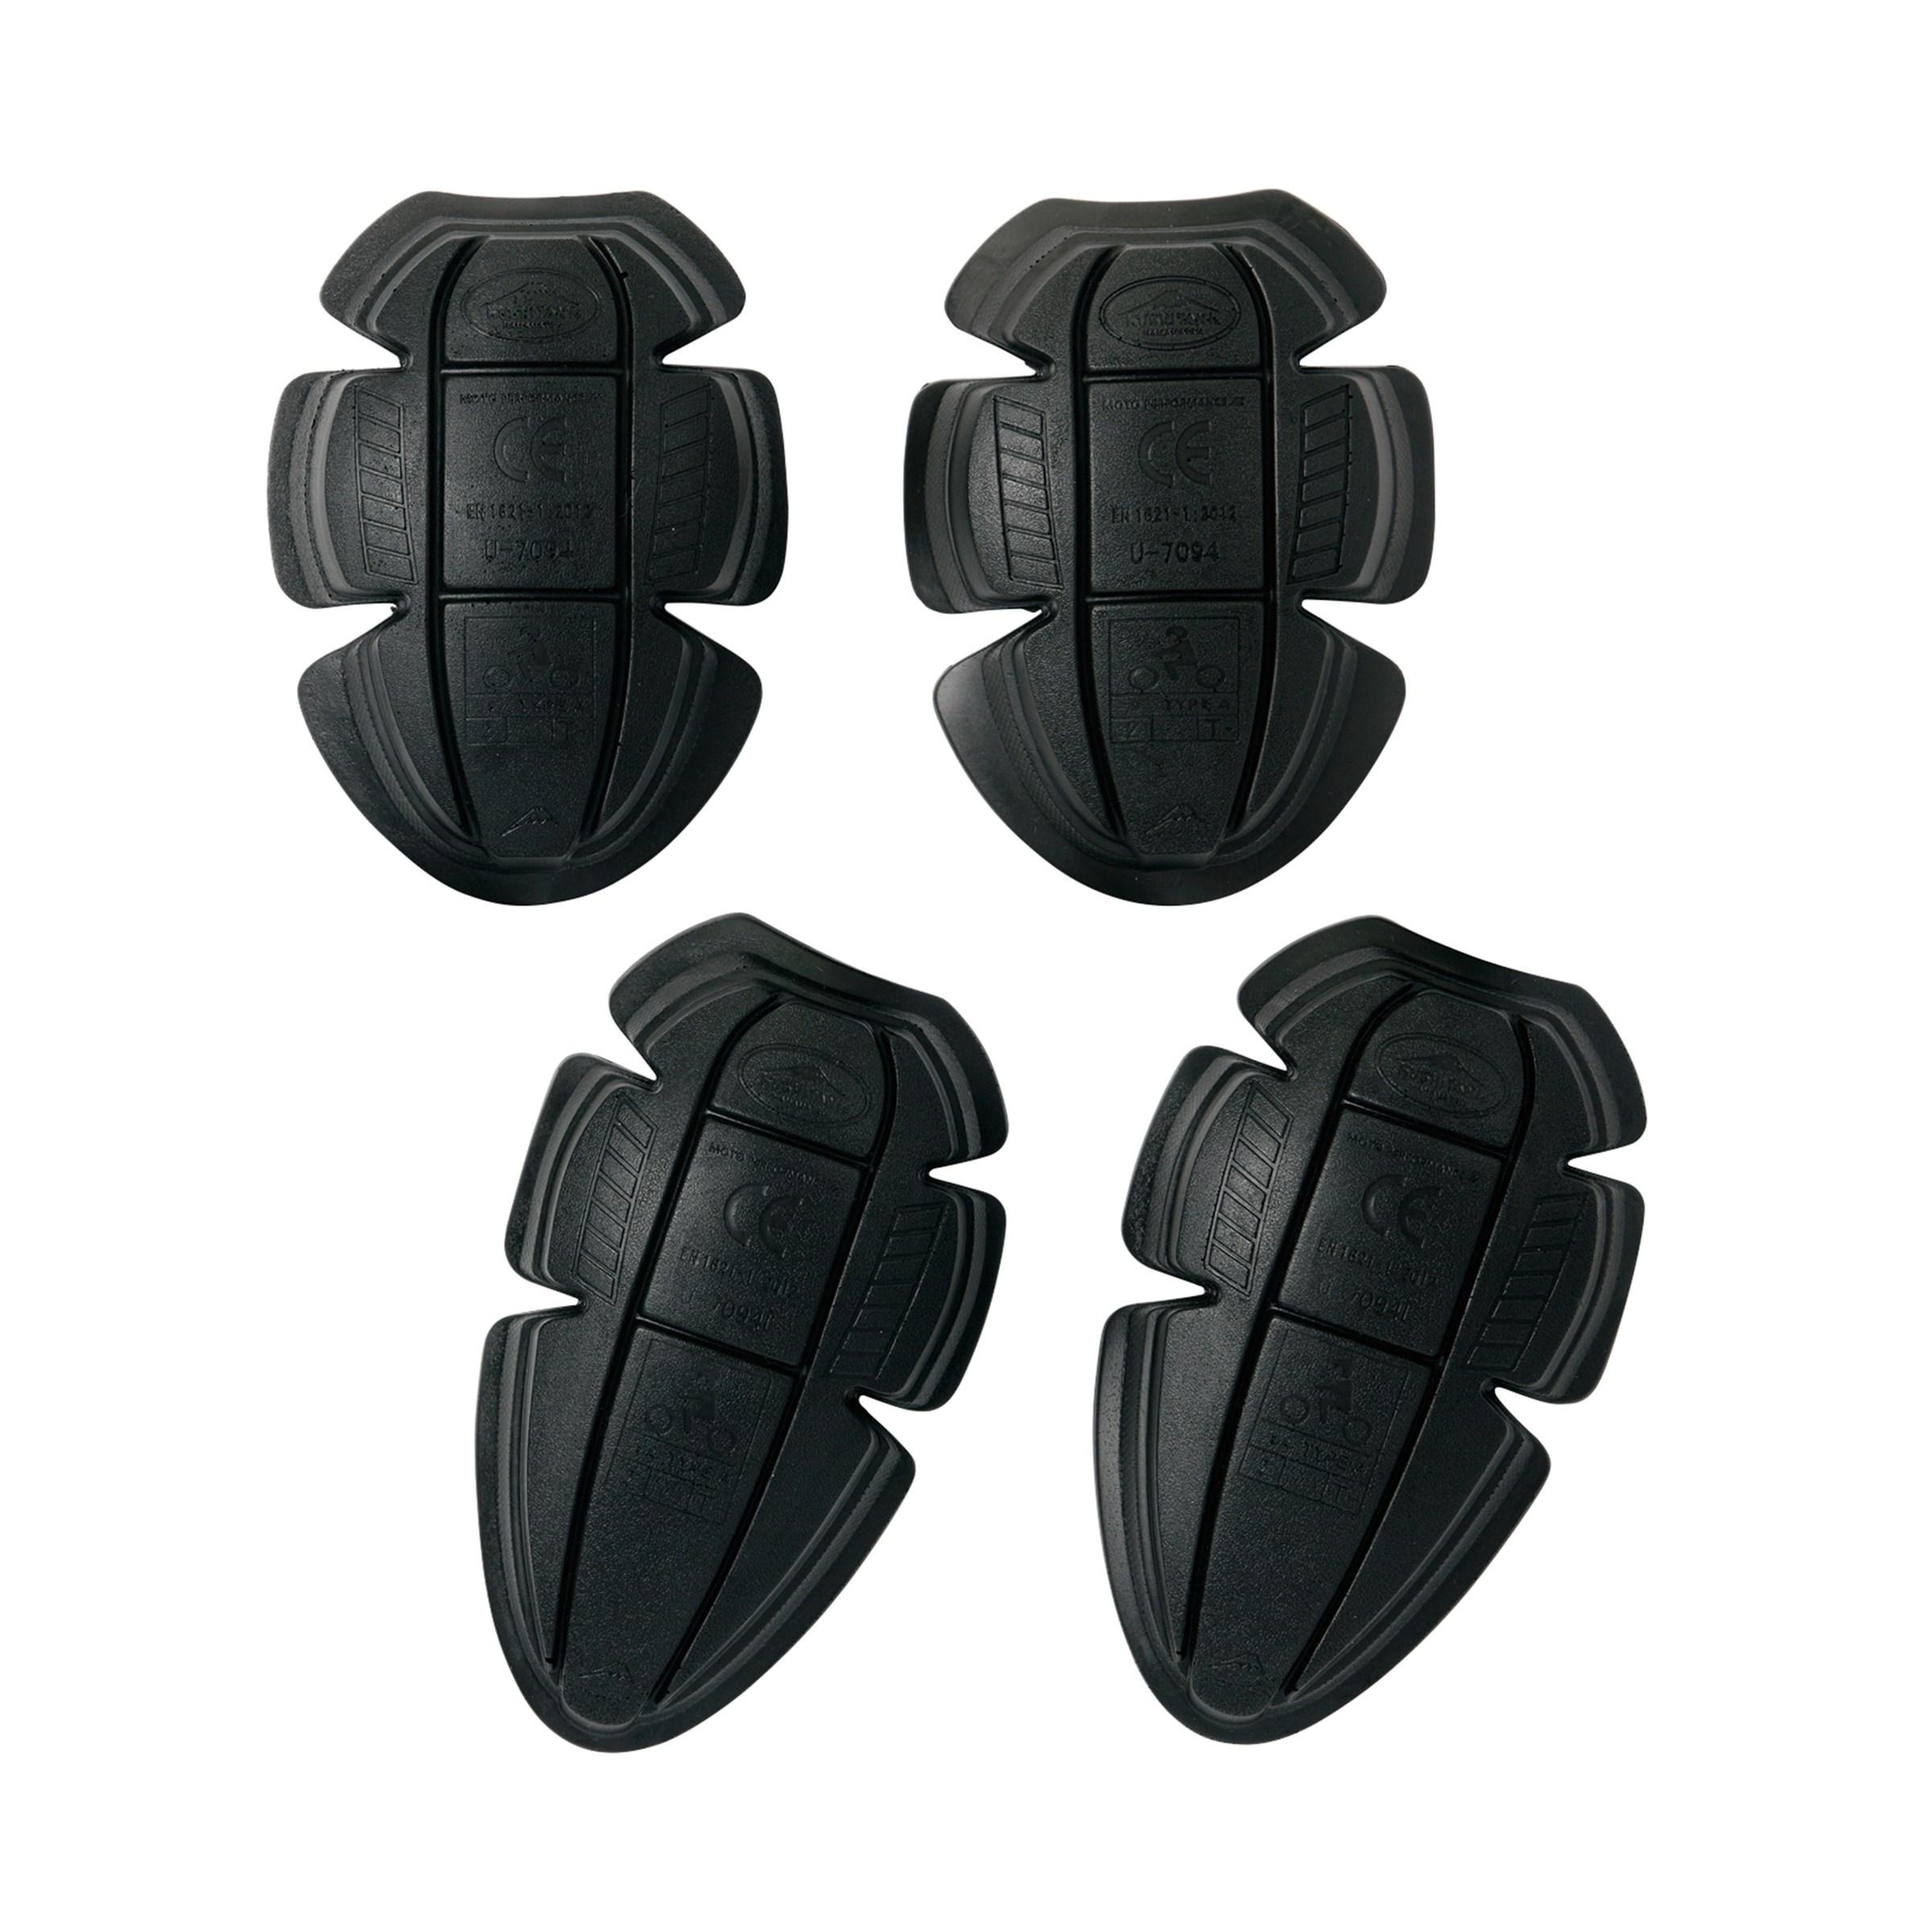 お買い得 KUSHITANI クシタニ CE LEVEL2 プロテクター 肩肘 K-4362 オリジナル CE規格